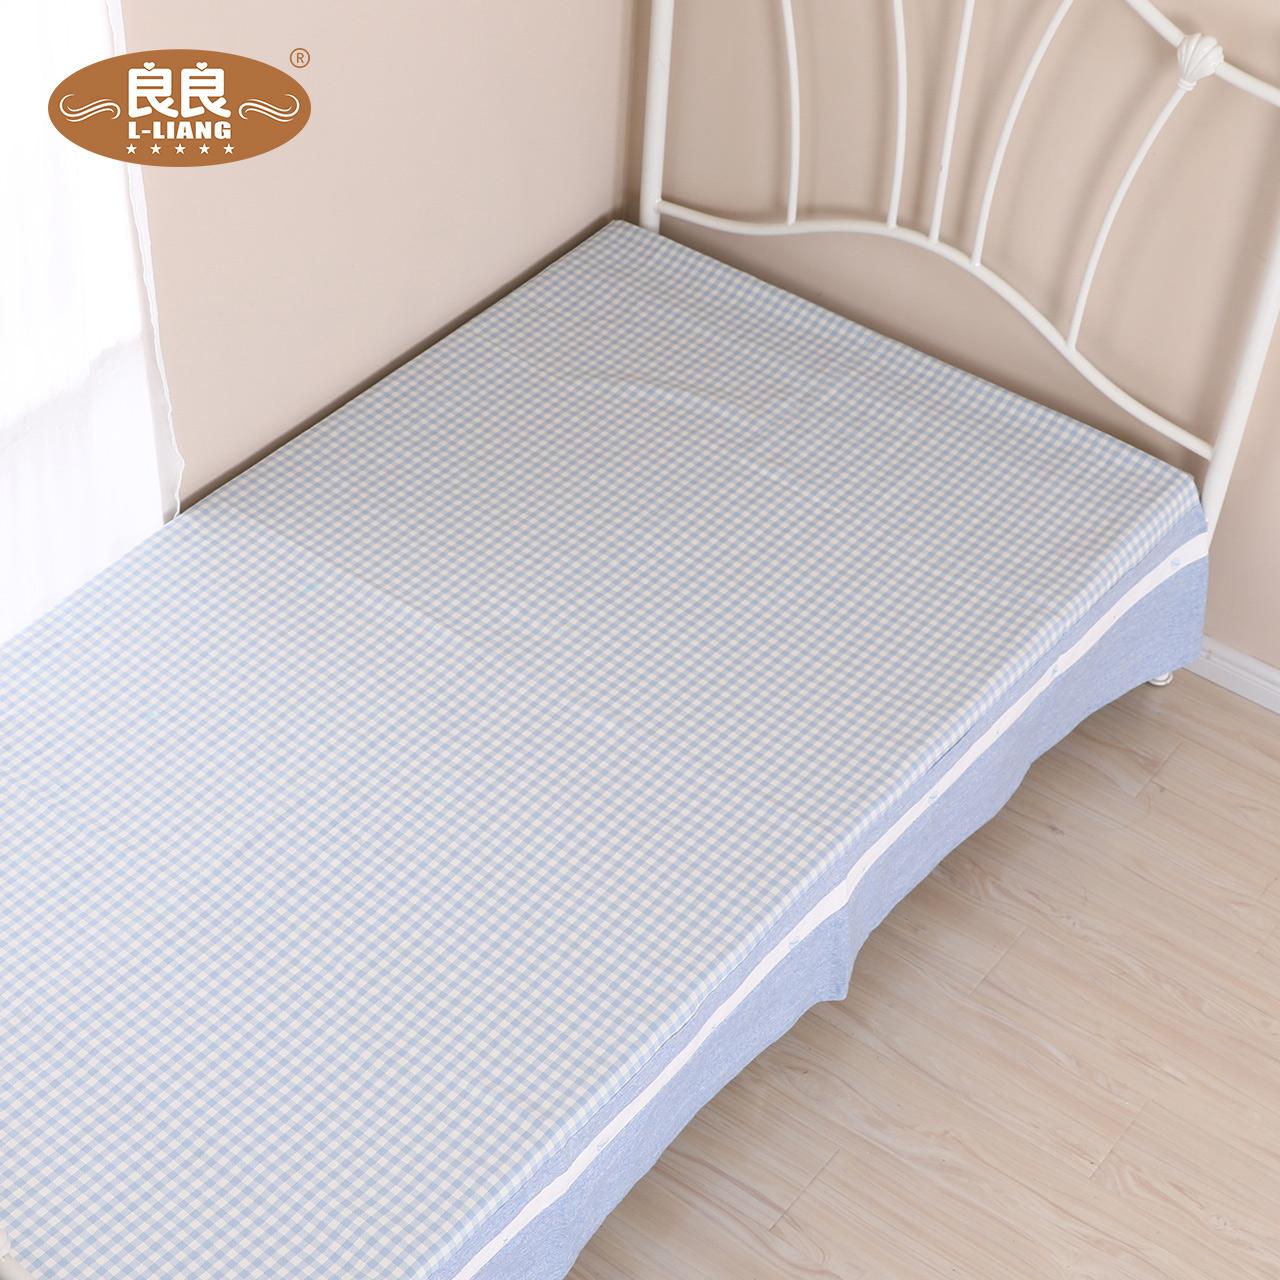 良良 宿舍凉席小学生寝室凉席上下铺单人凉席可折叠软席1.5米